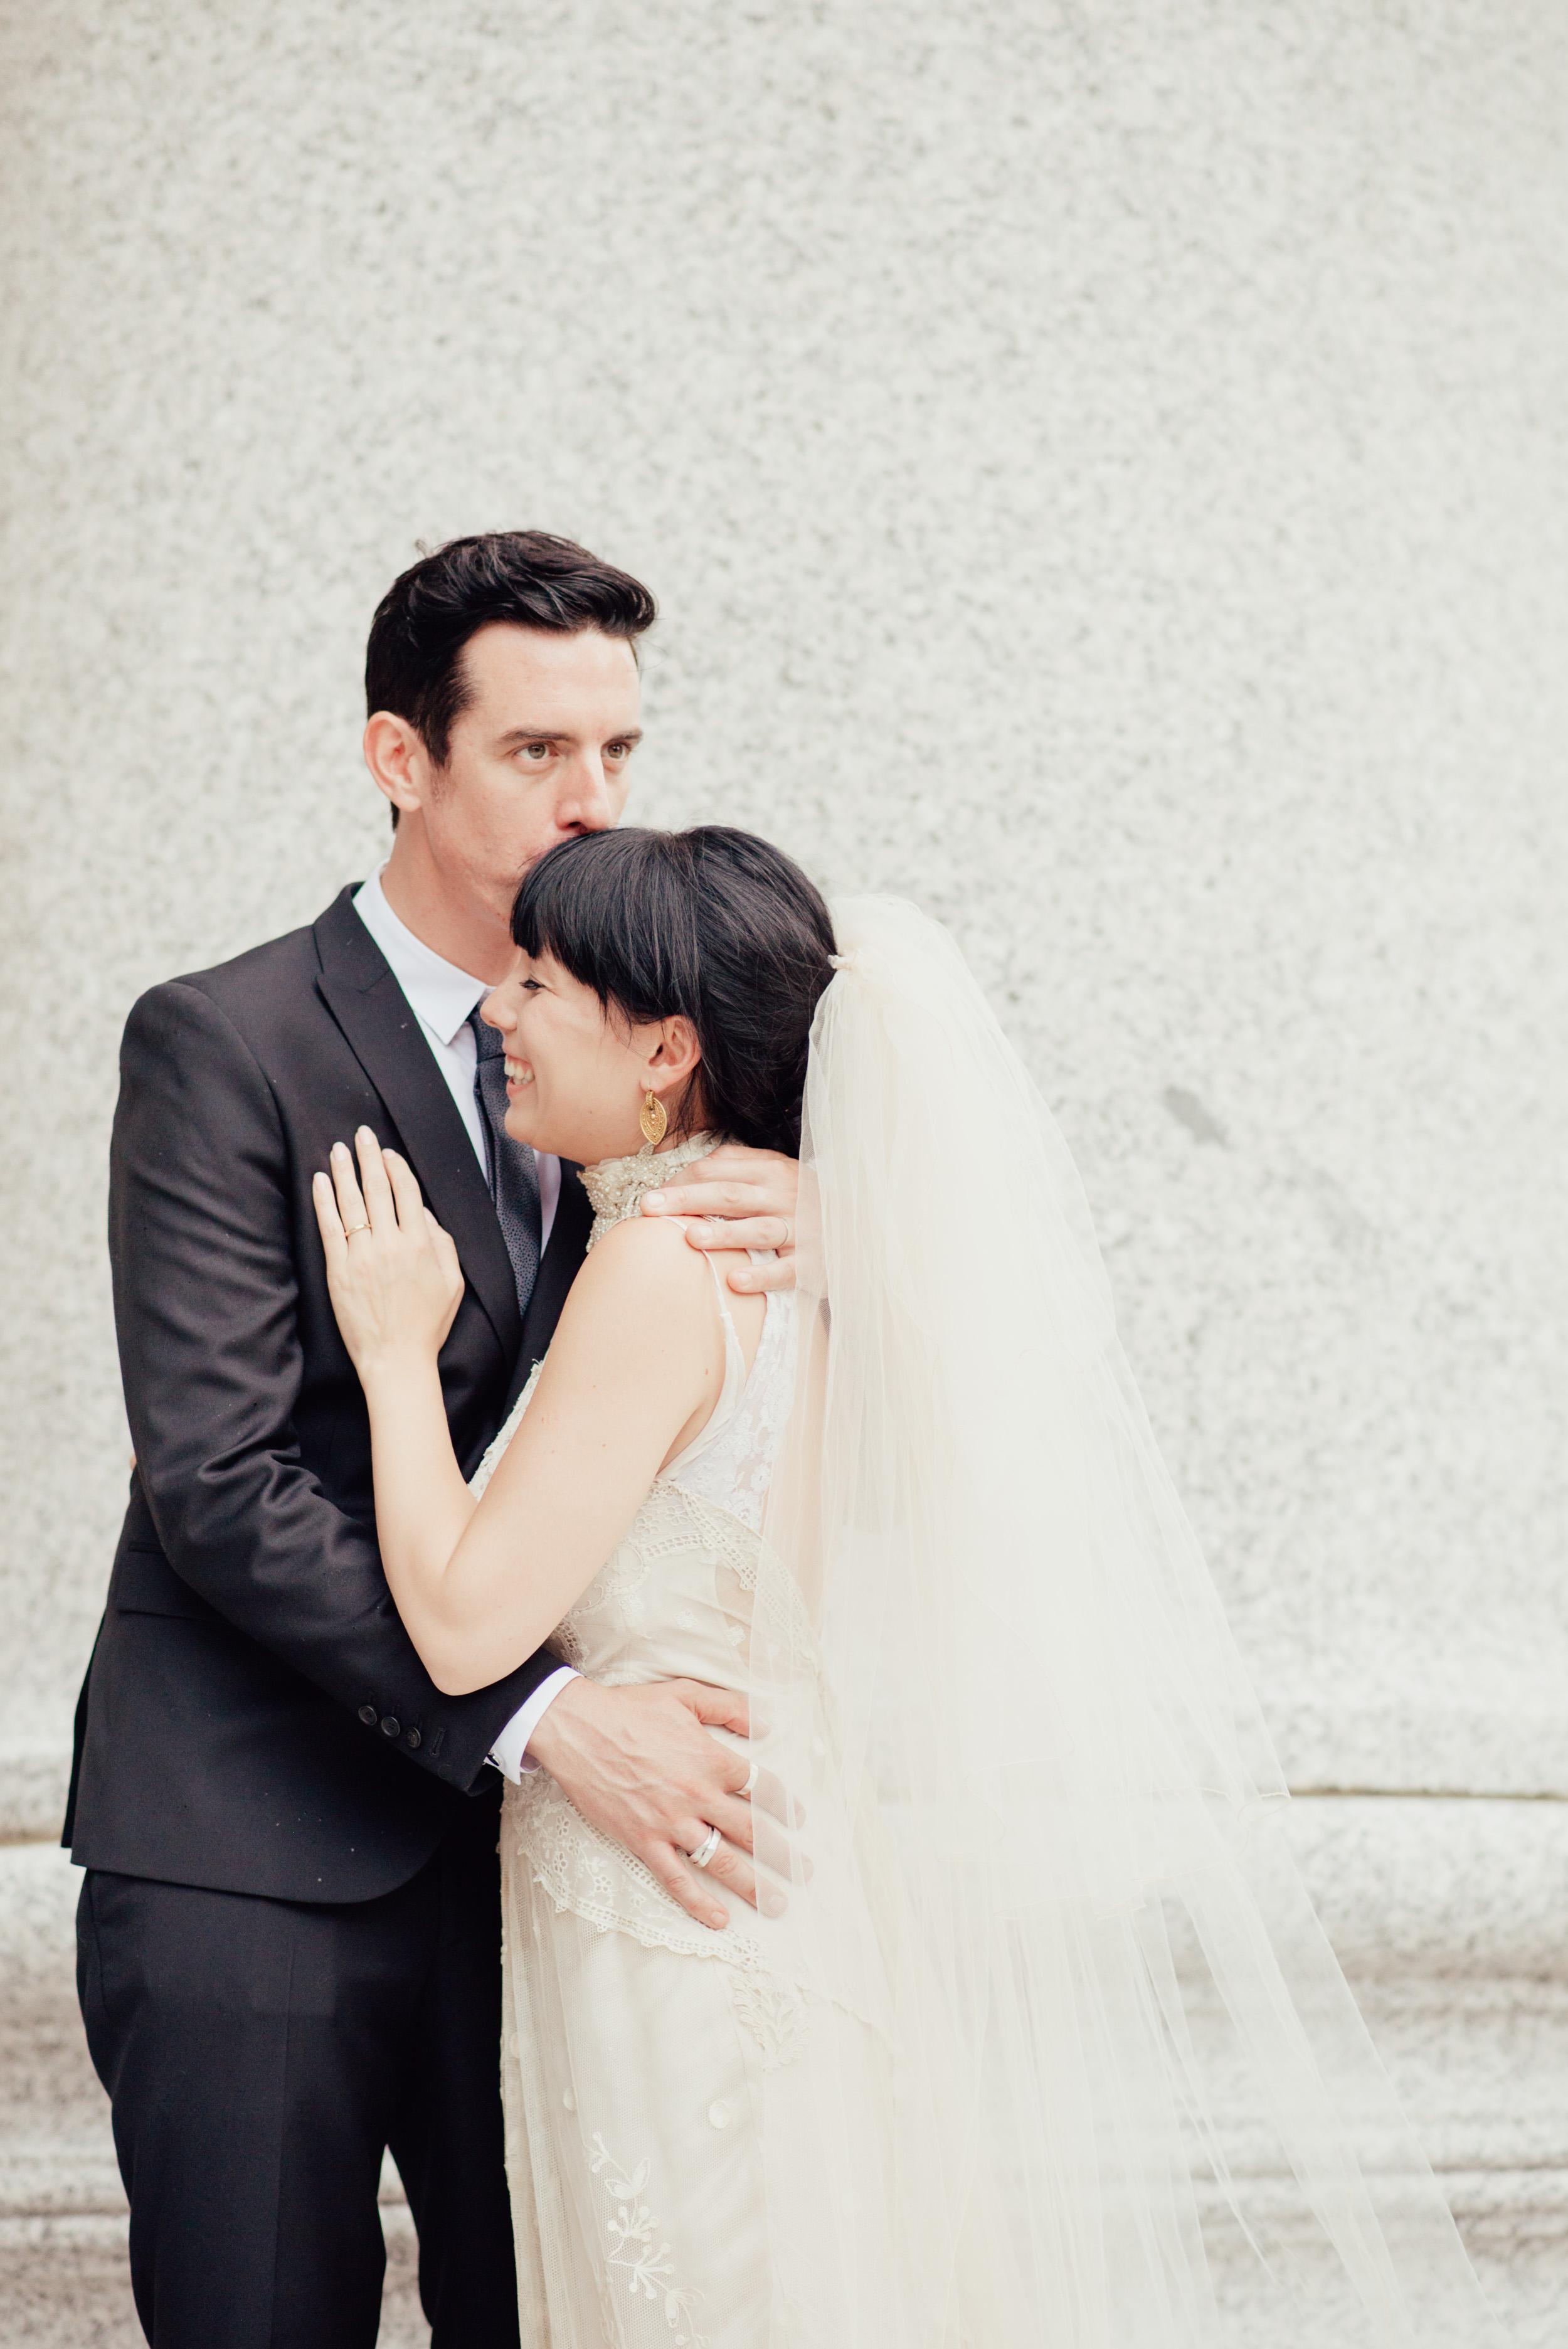 cleland-studios-weddings-30.jpg